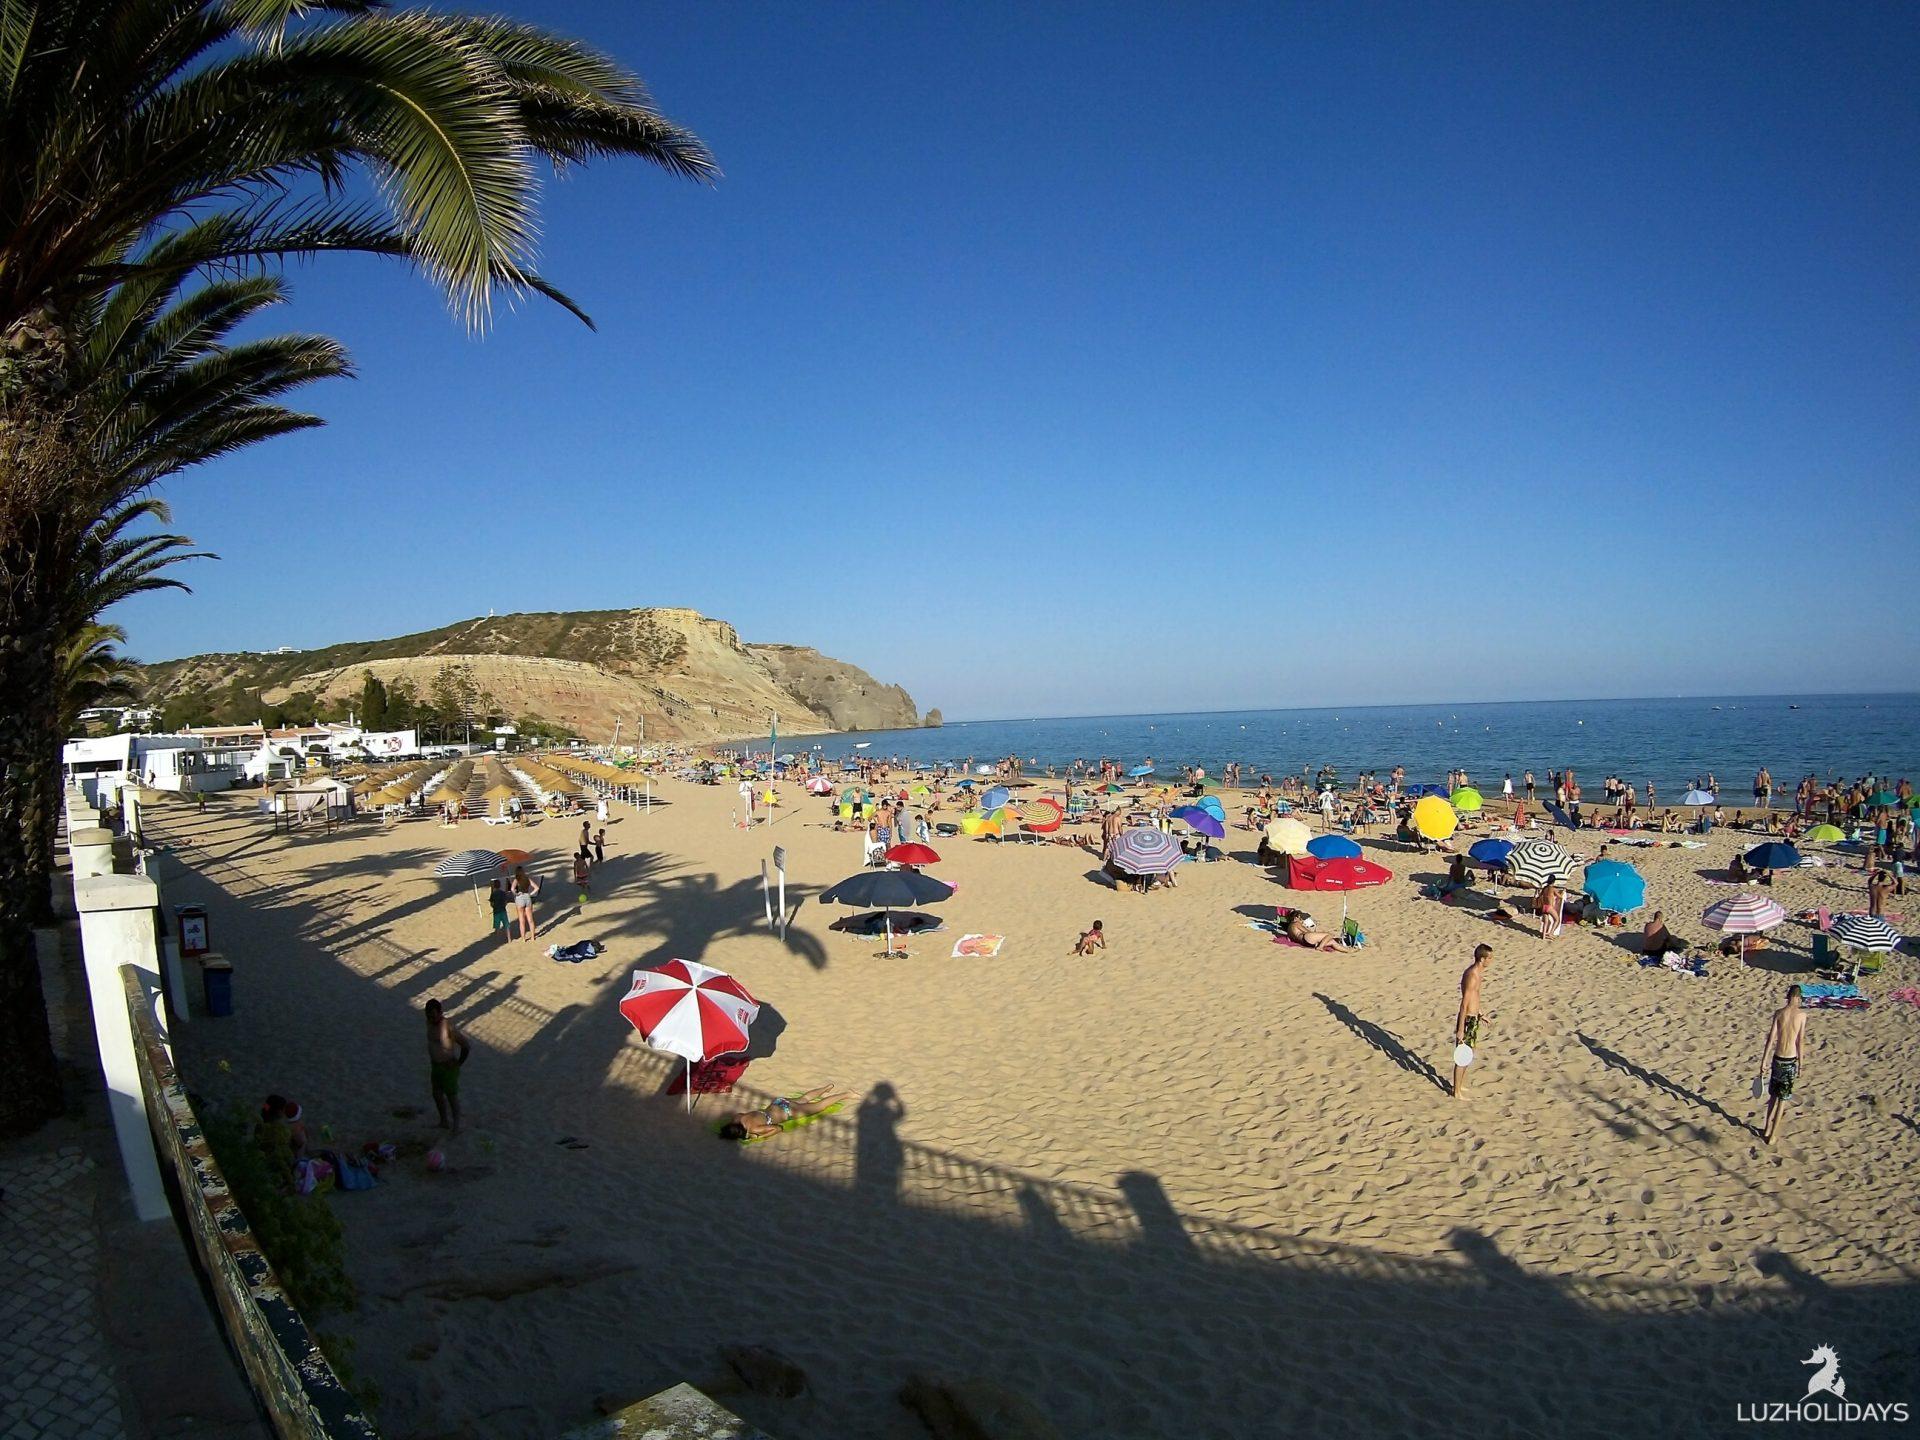 Praia Da Luz 183 Praia Da Luz Holidays